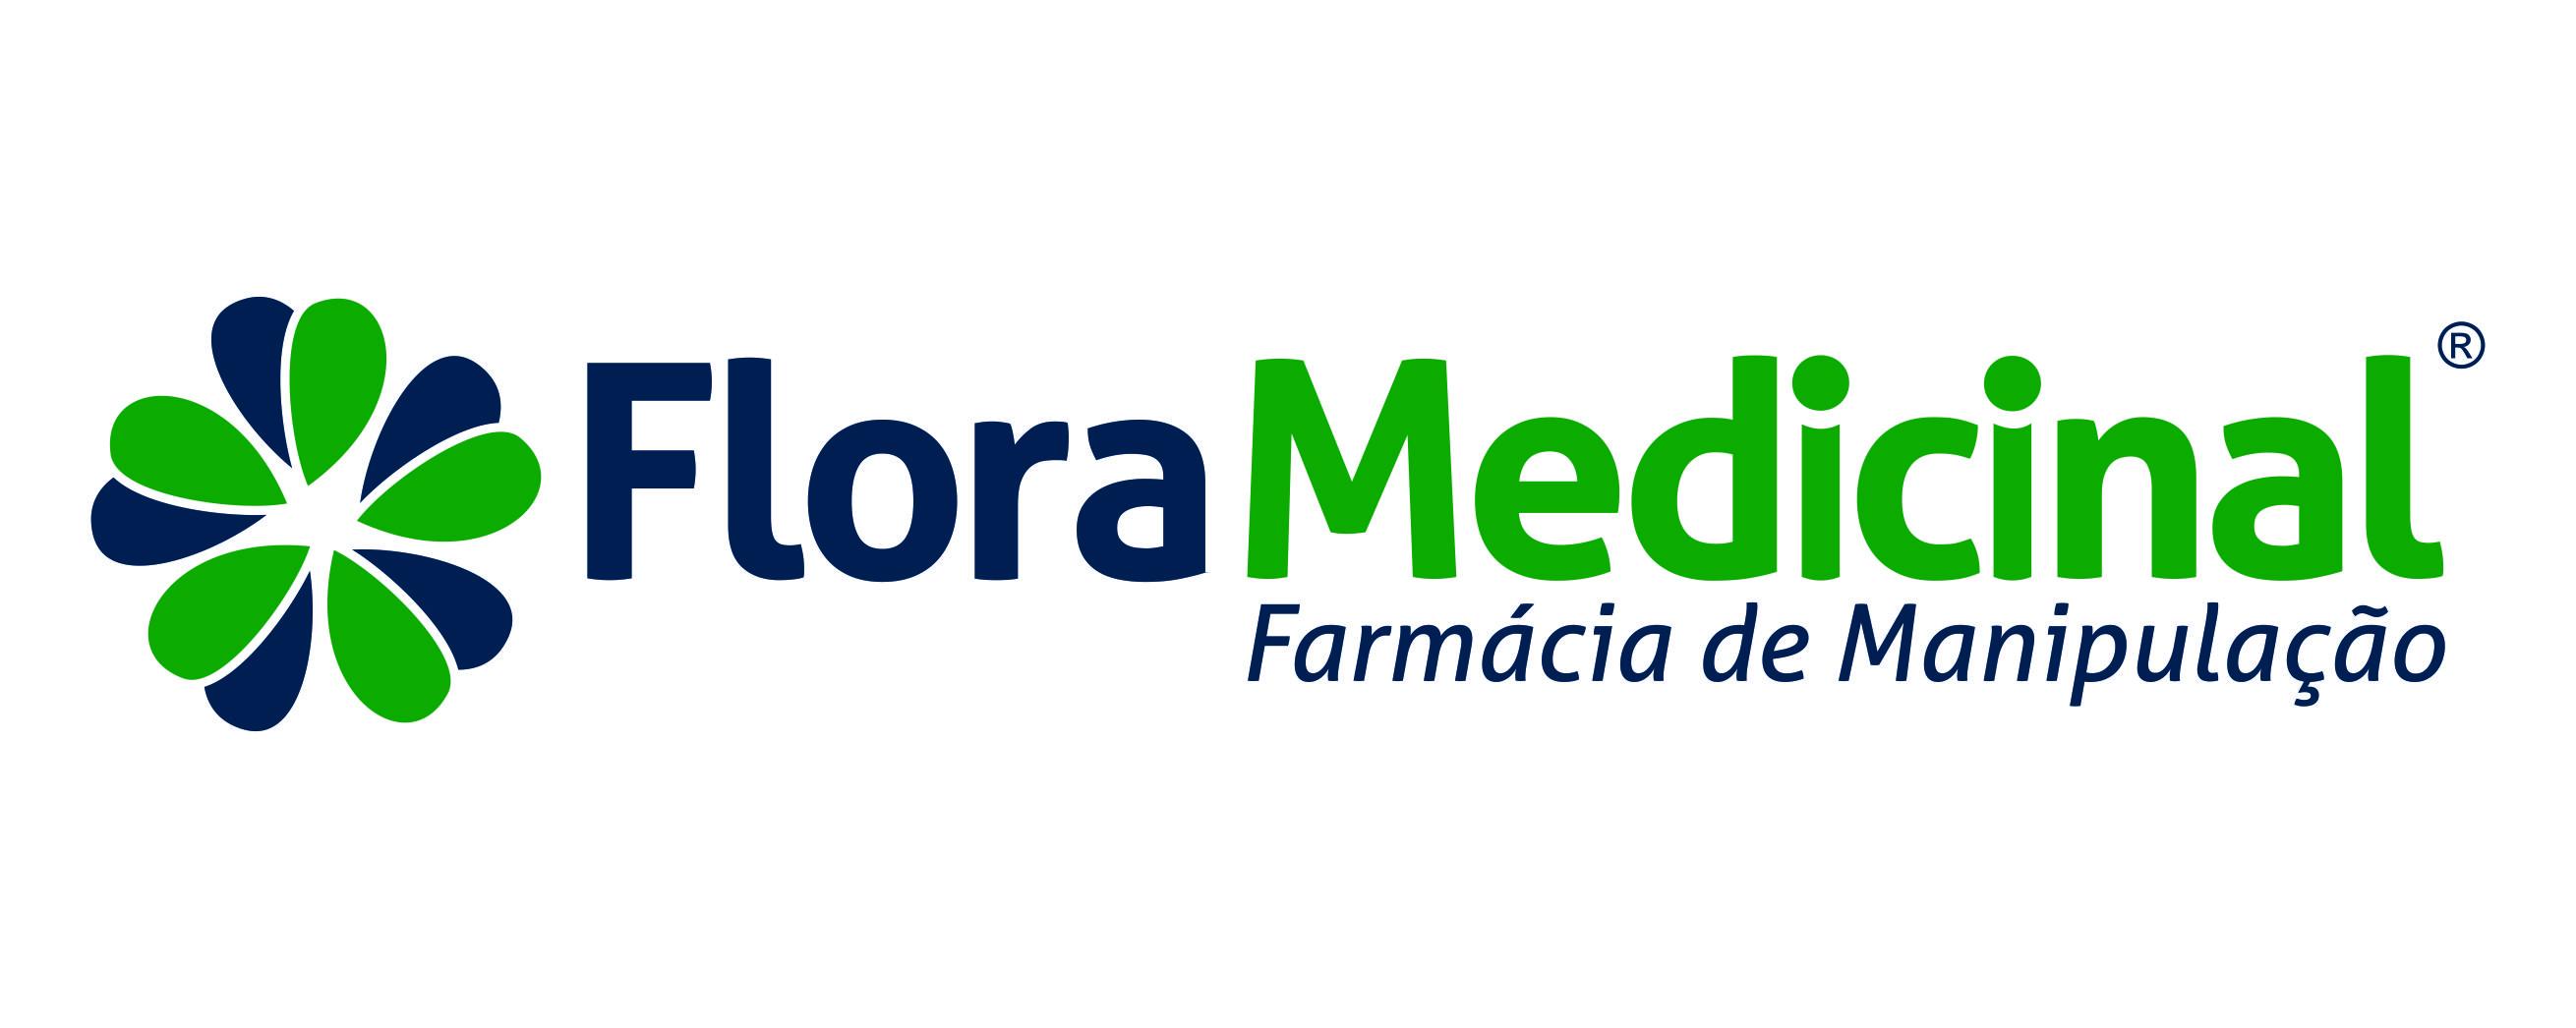 Flora Medicinal